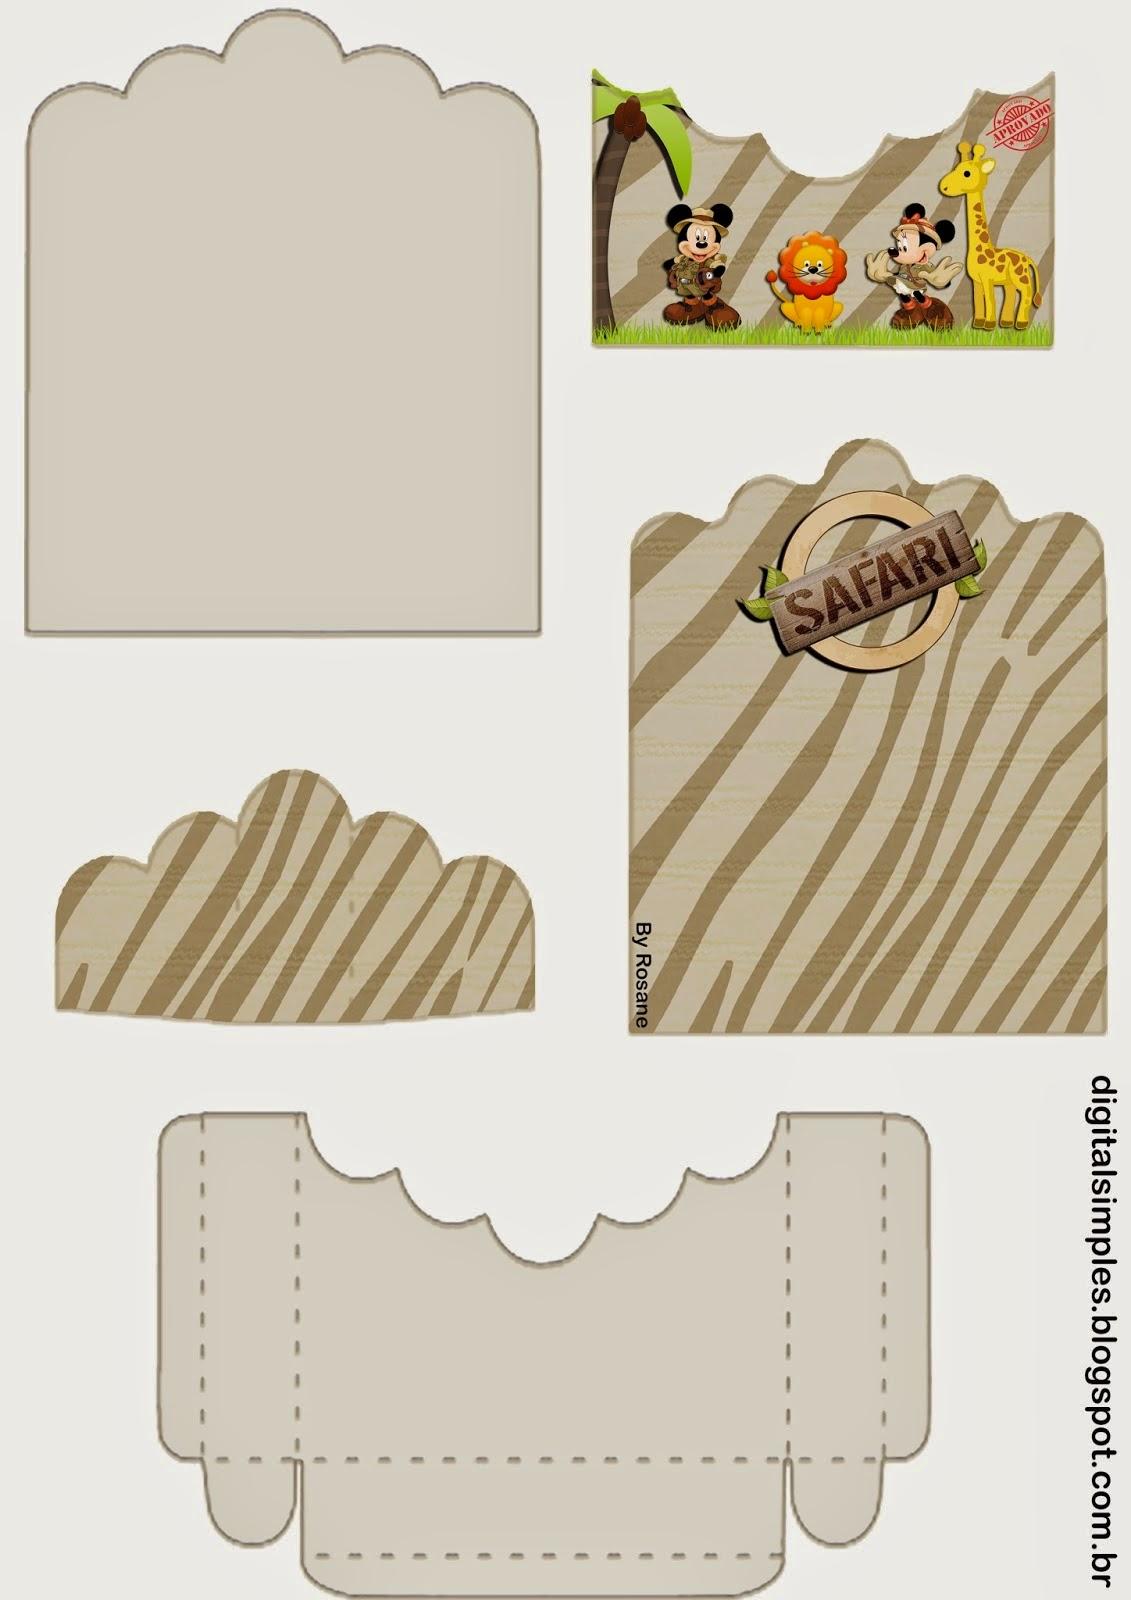 Mickey y Minnie de Safari: Soporte para Golosinas para Imprimir Gratis.